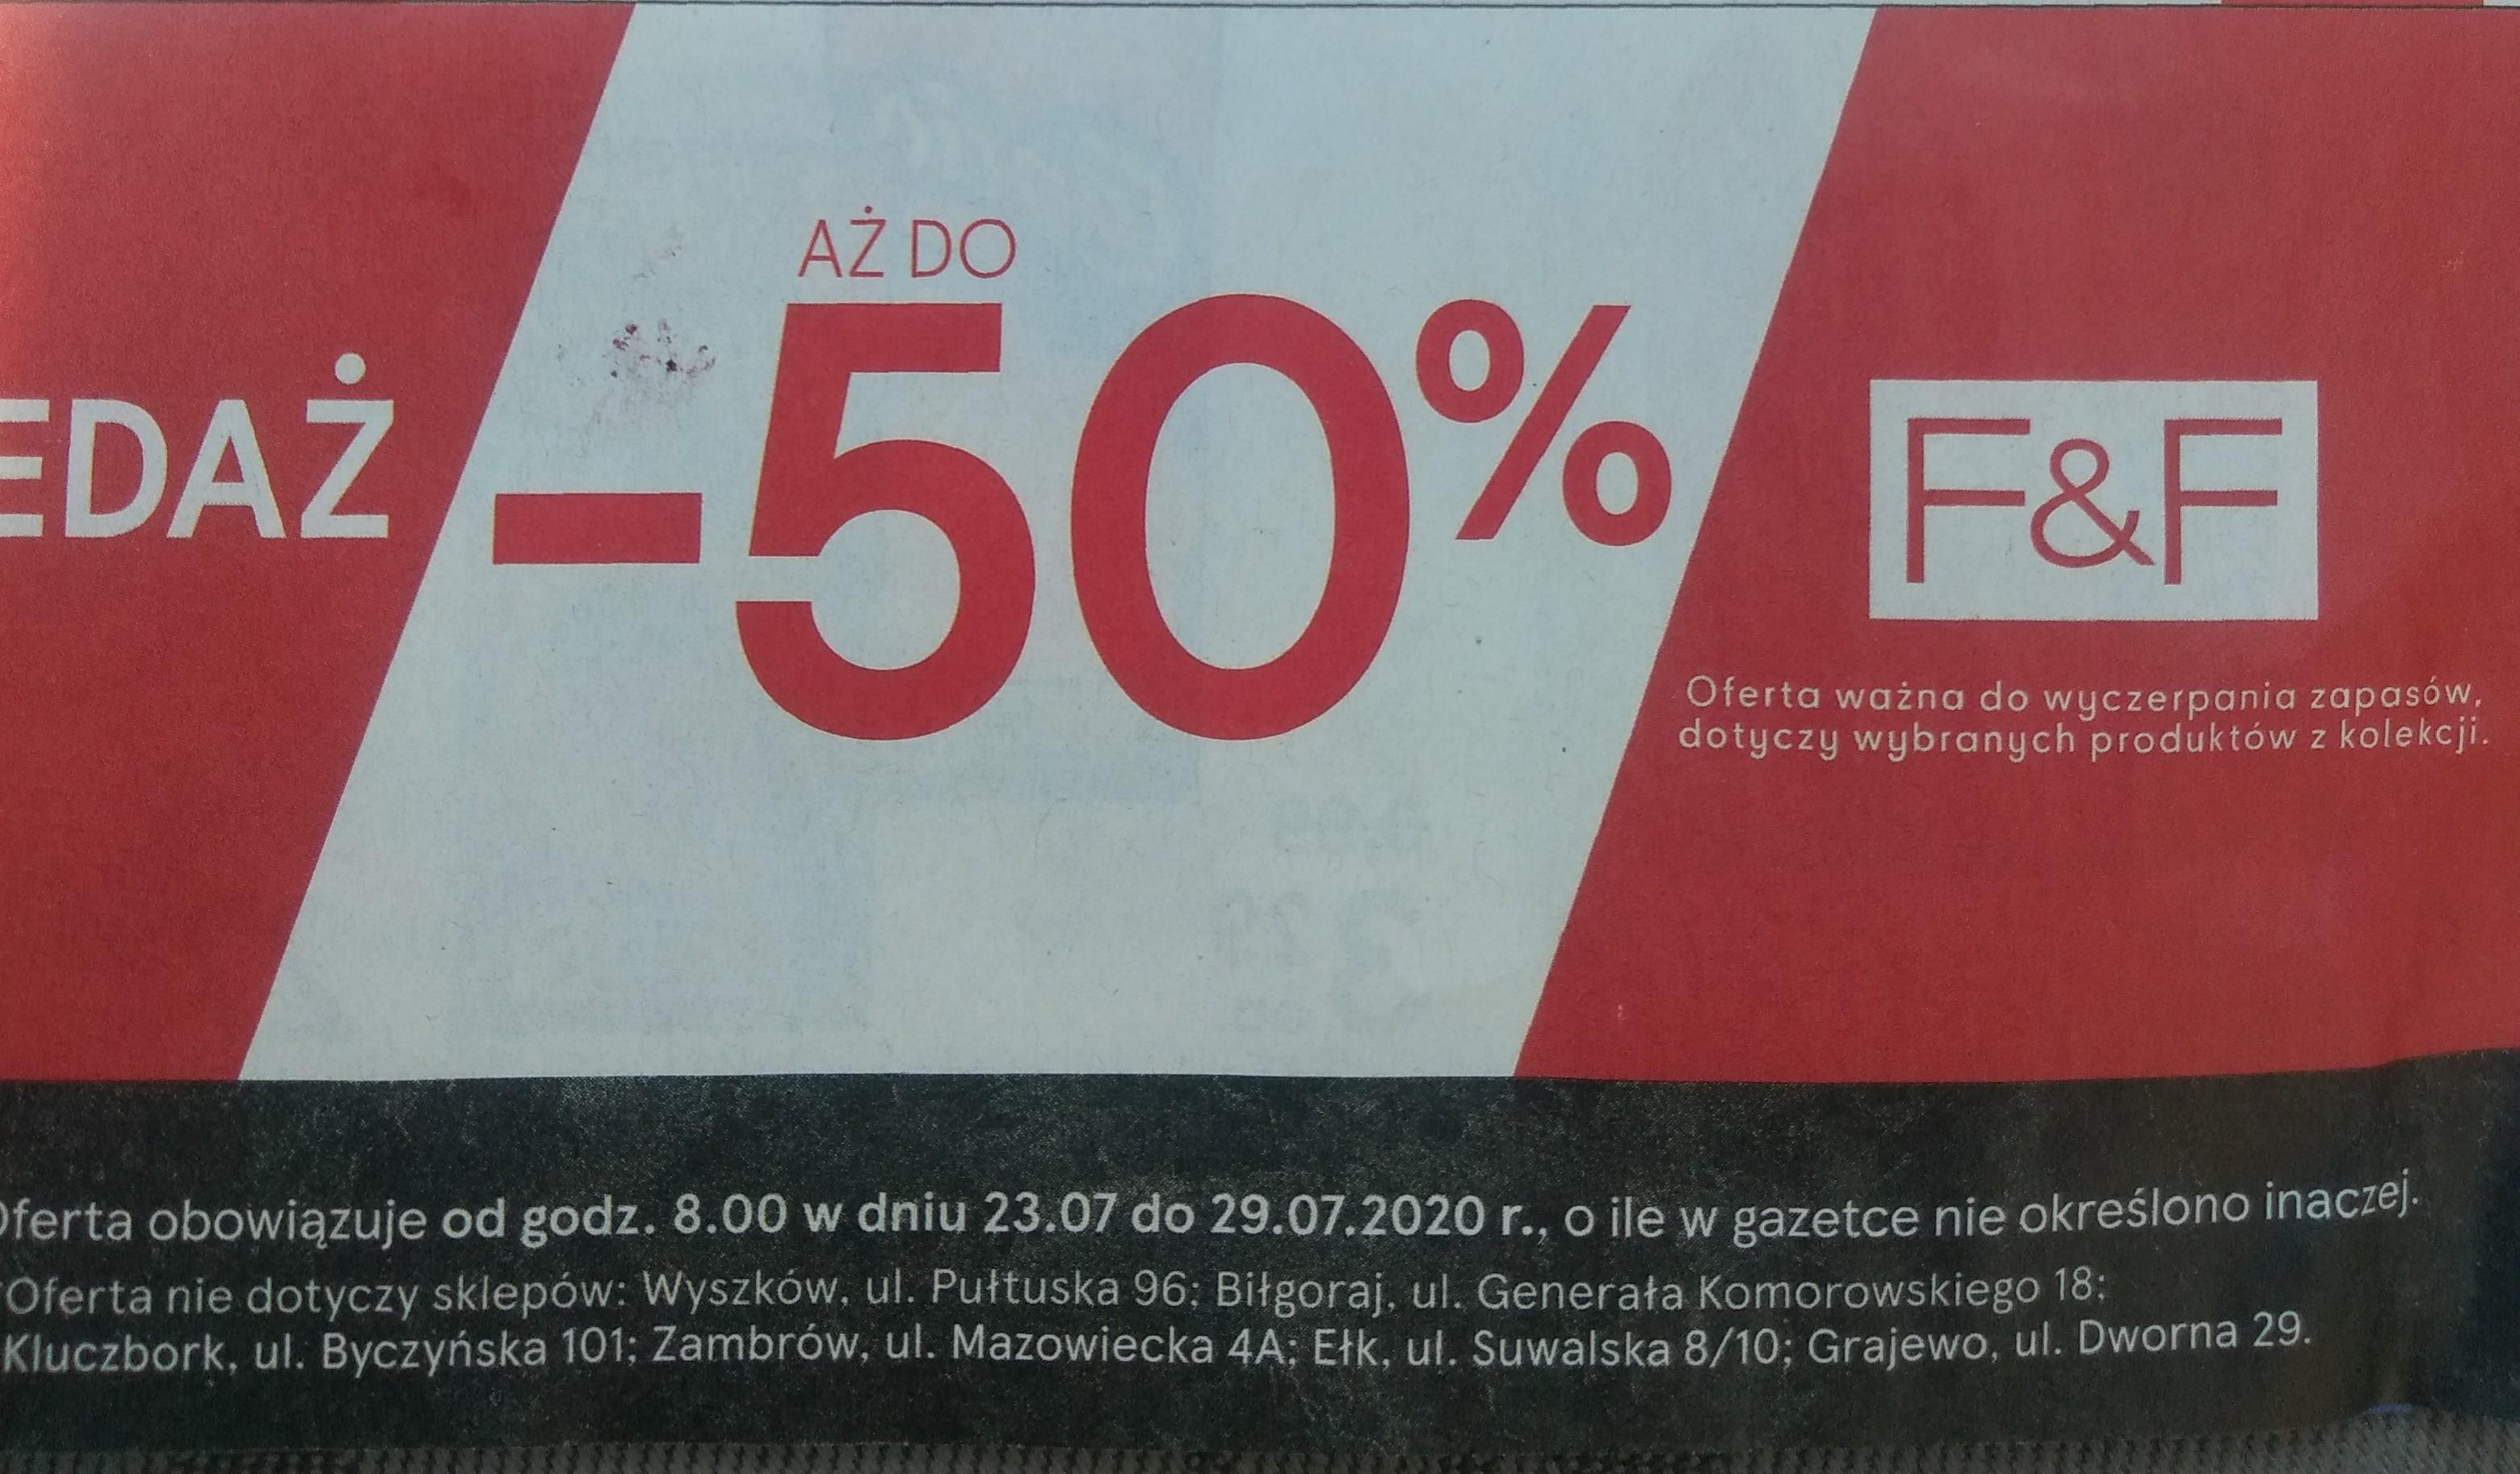 Tesco - wyprzedaż F&F do 50%